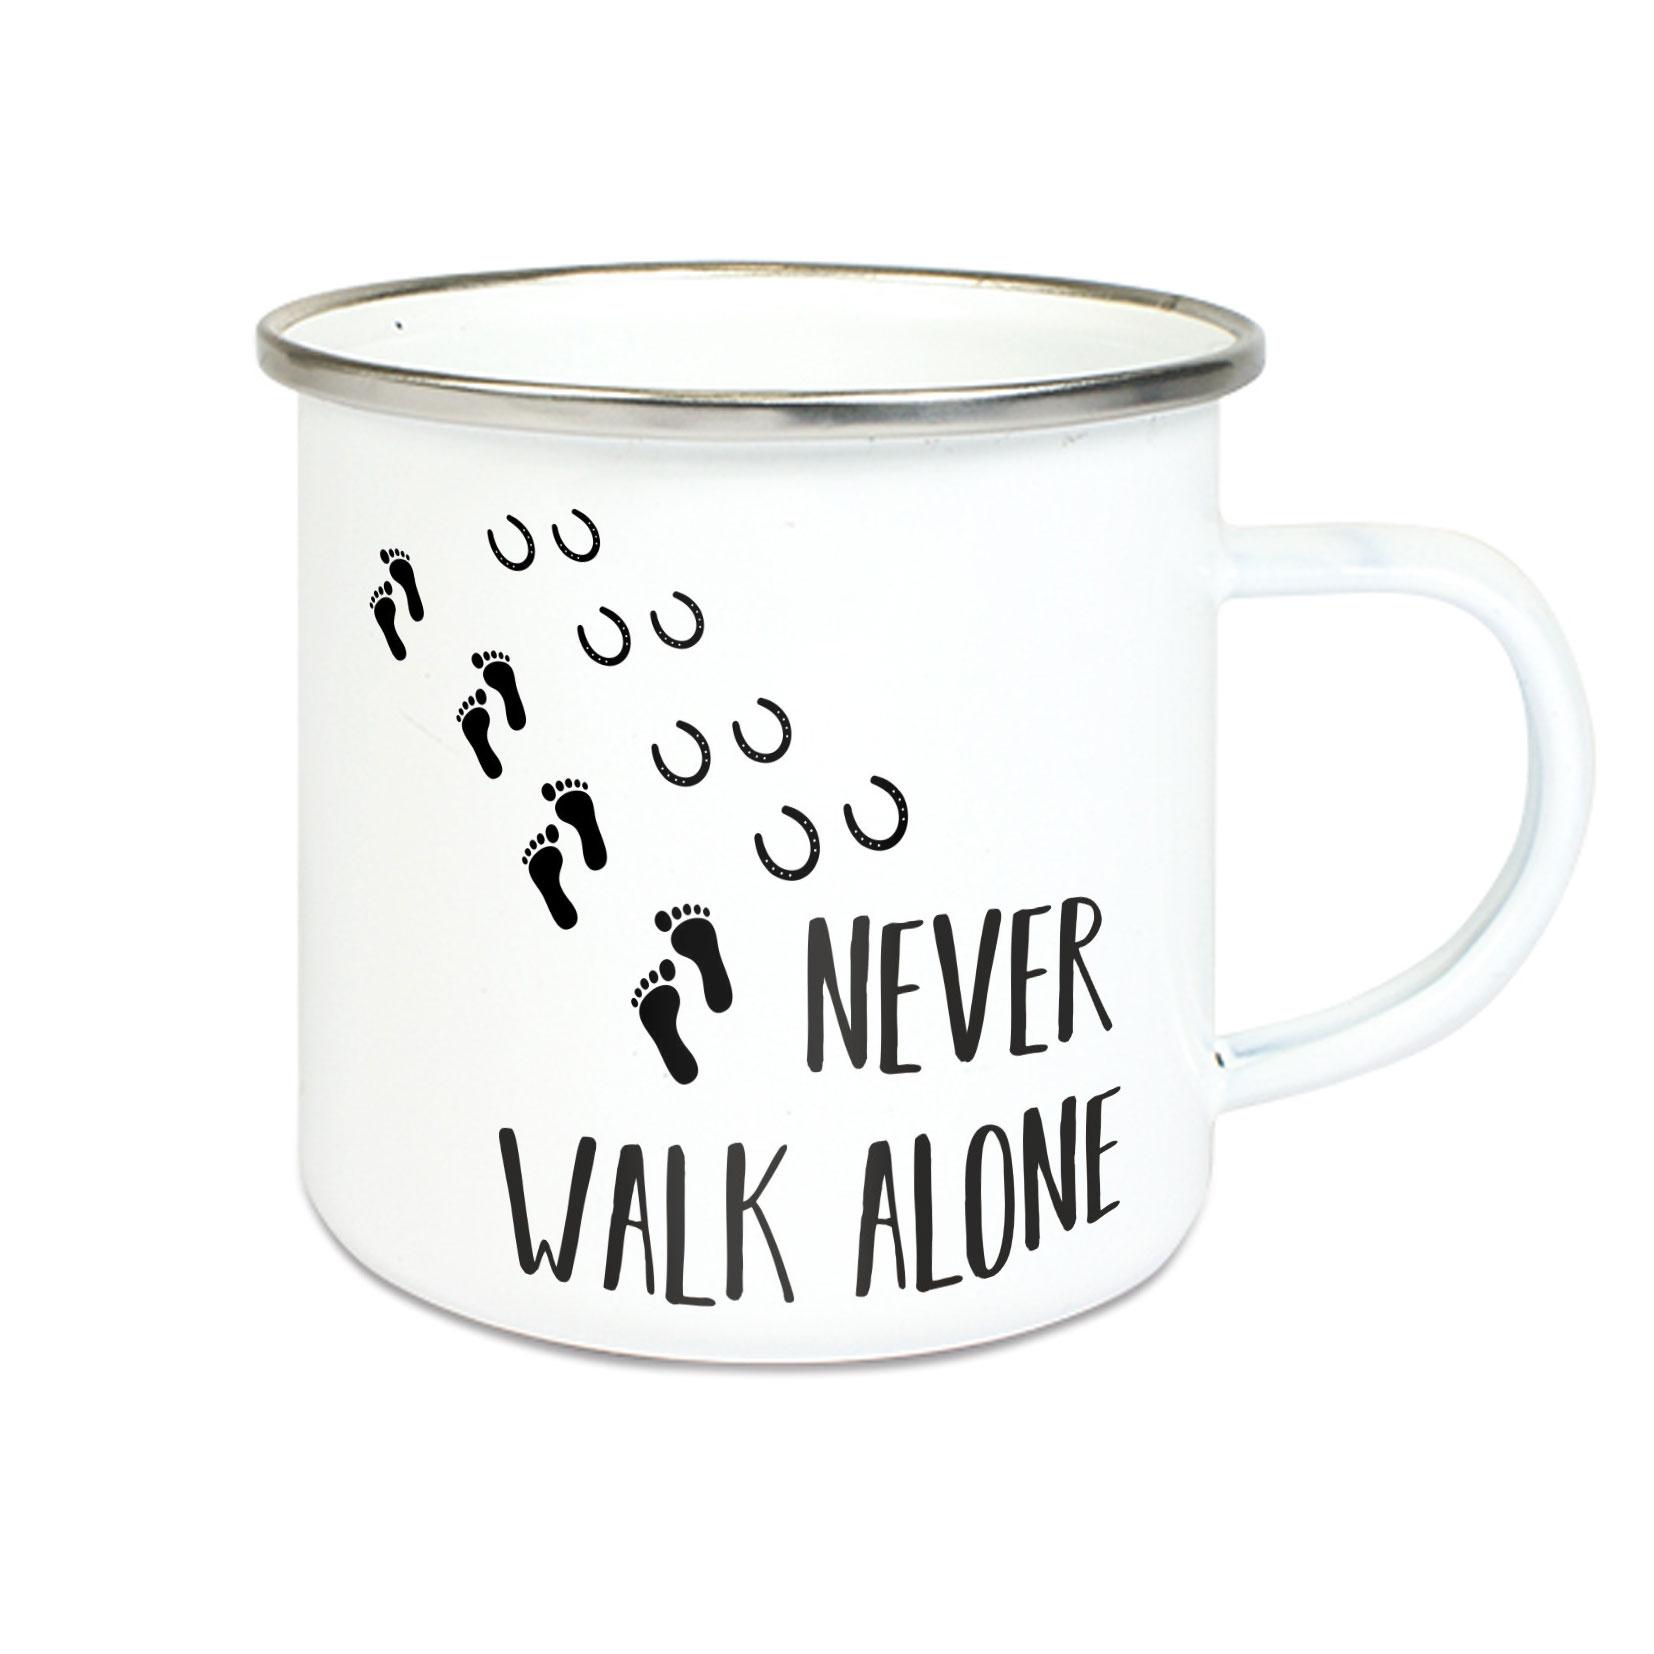 Emalie Tasse: Never walk alone mit Hufeisen Kaffeebecher Kaffeetasse bedruckt